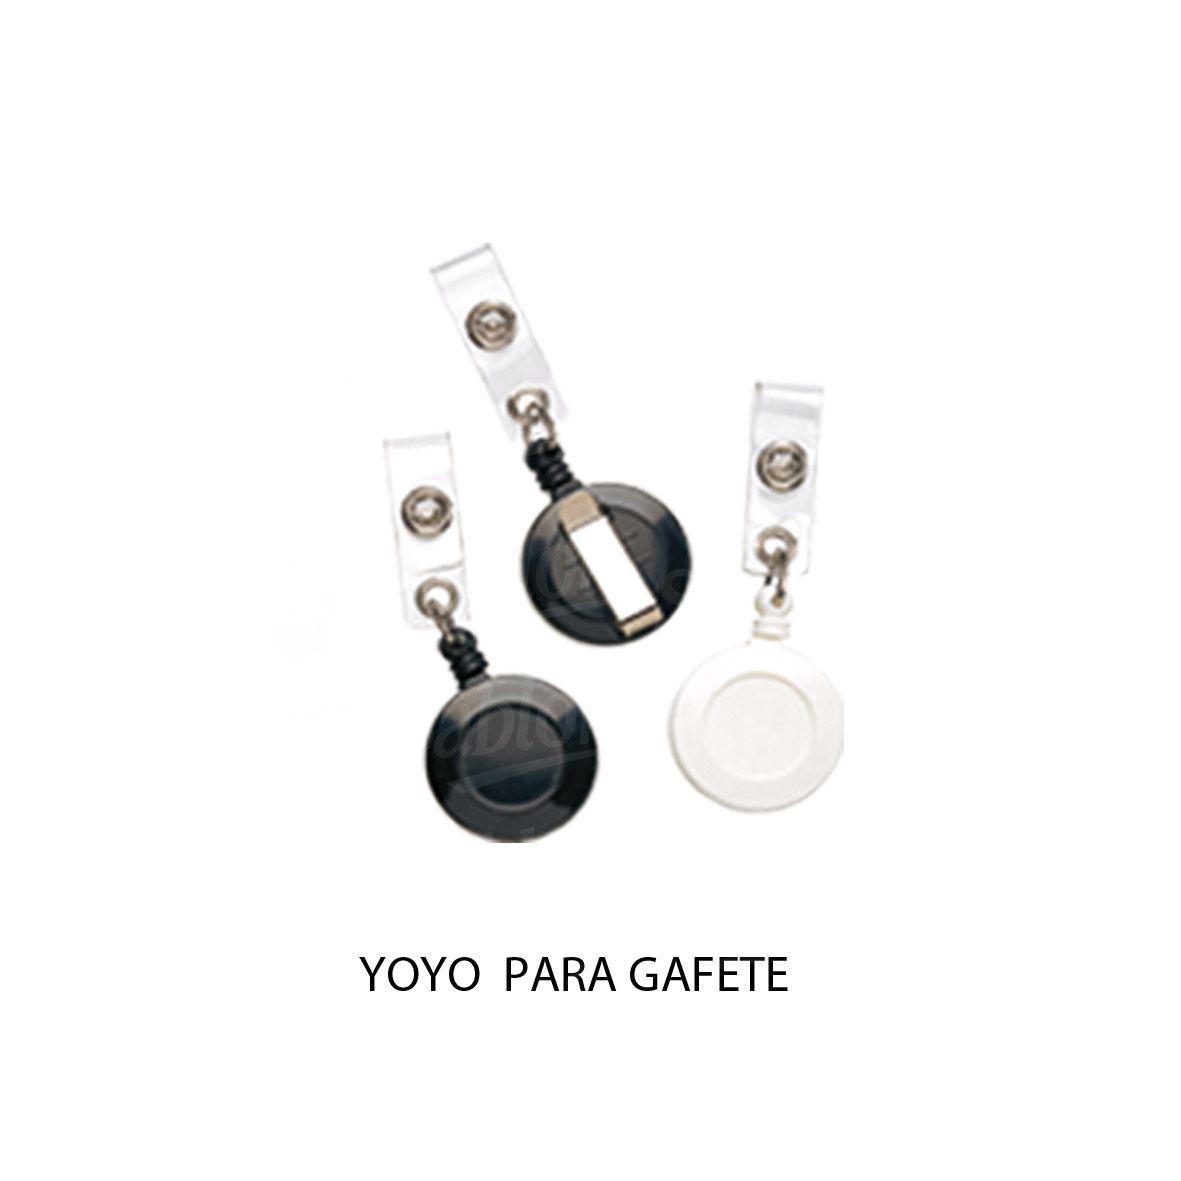 Yoyo para gafete articulos de oficina sablon sabl n for Articulos para oficina